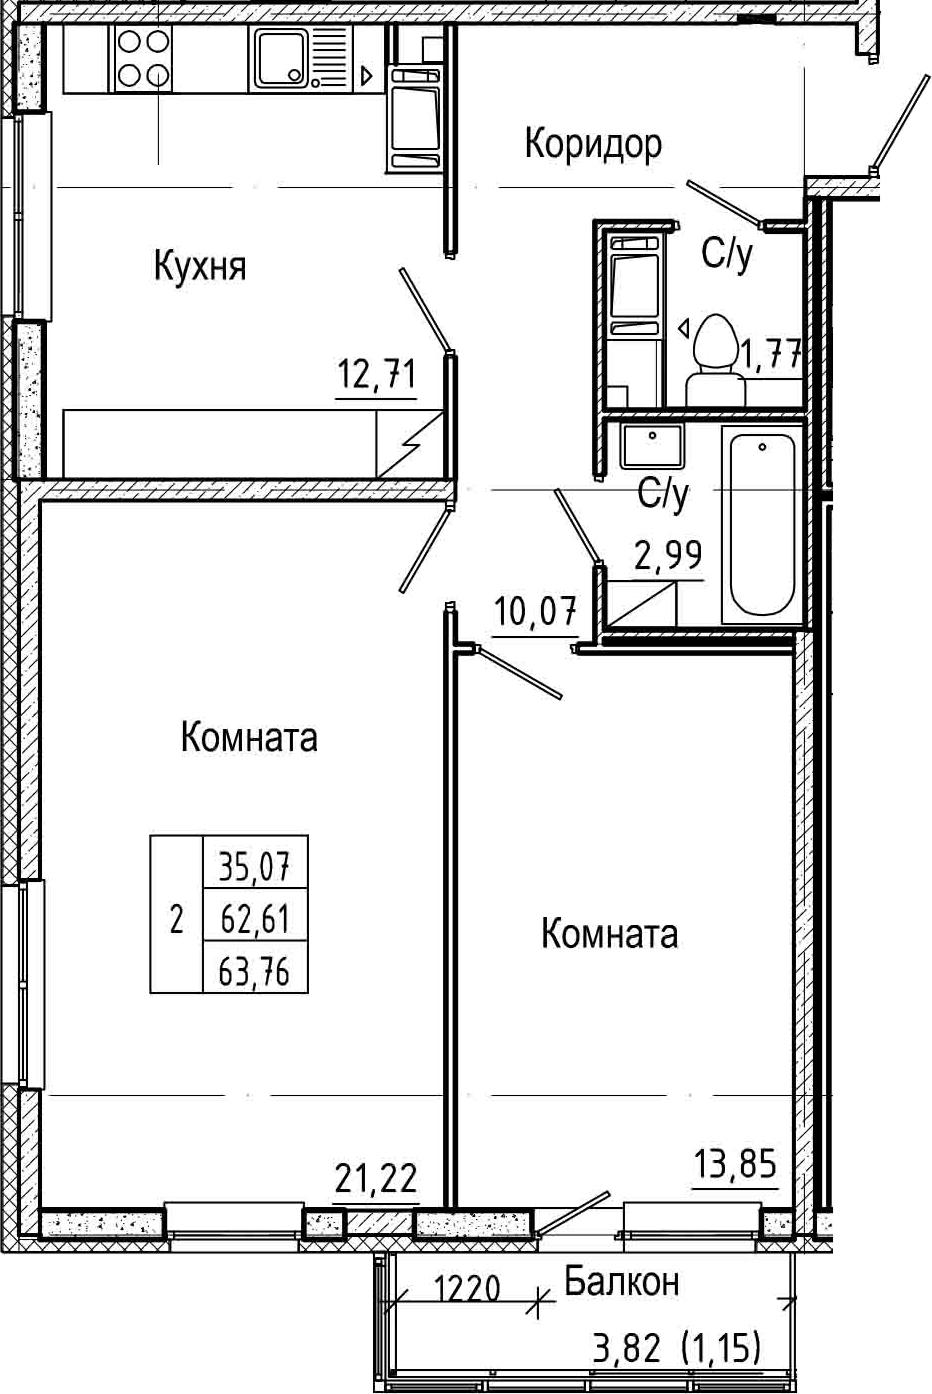 2-комнатная, 63.76 м²– 2